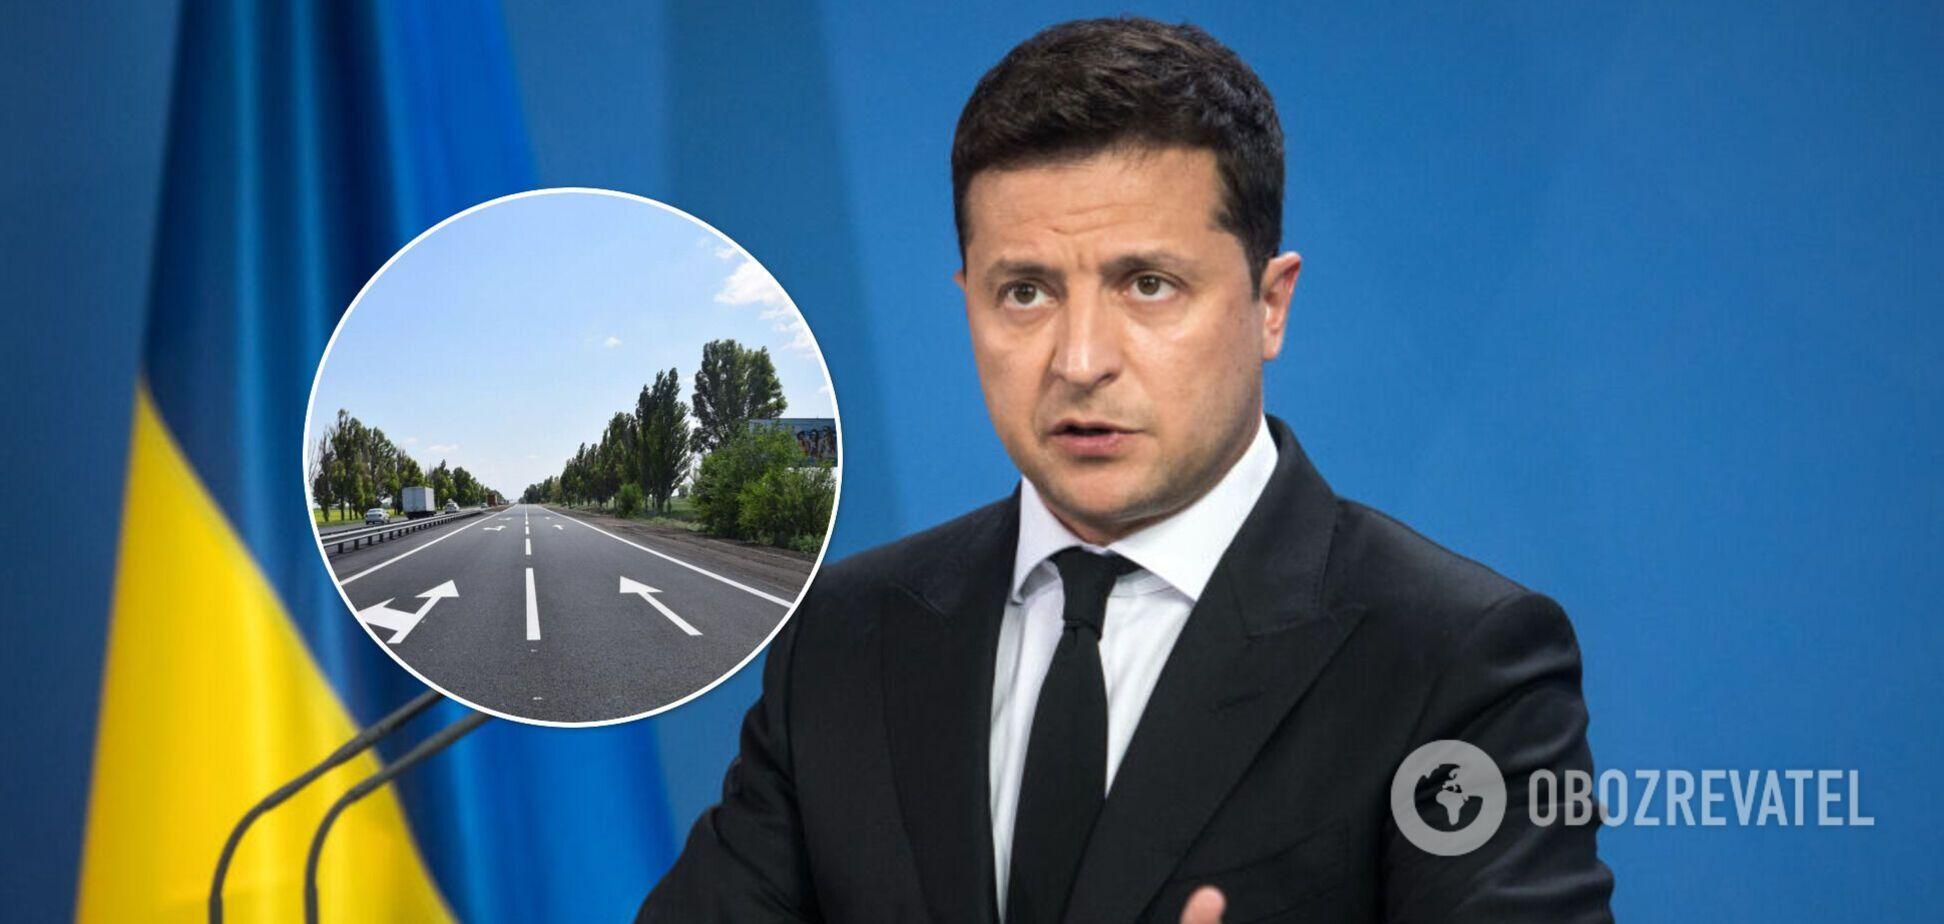 Зеленський похвалився українськими дорогами